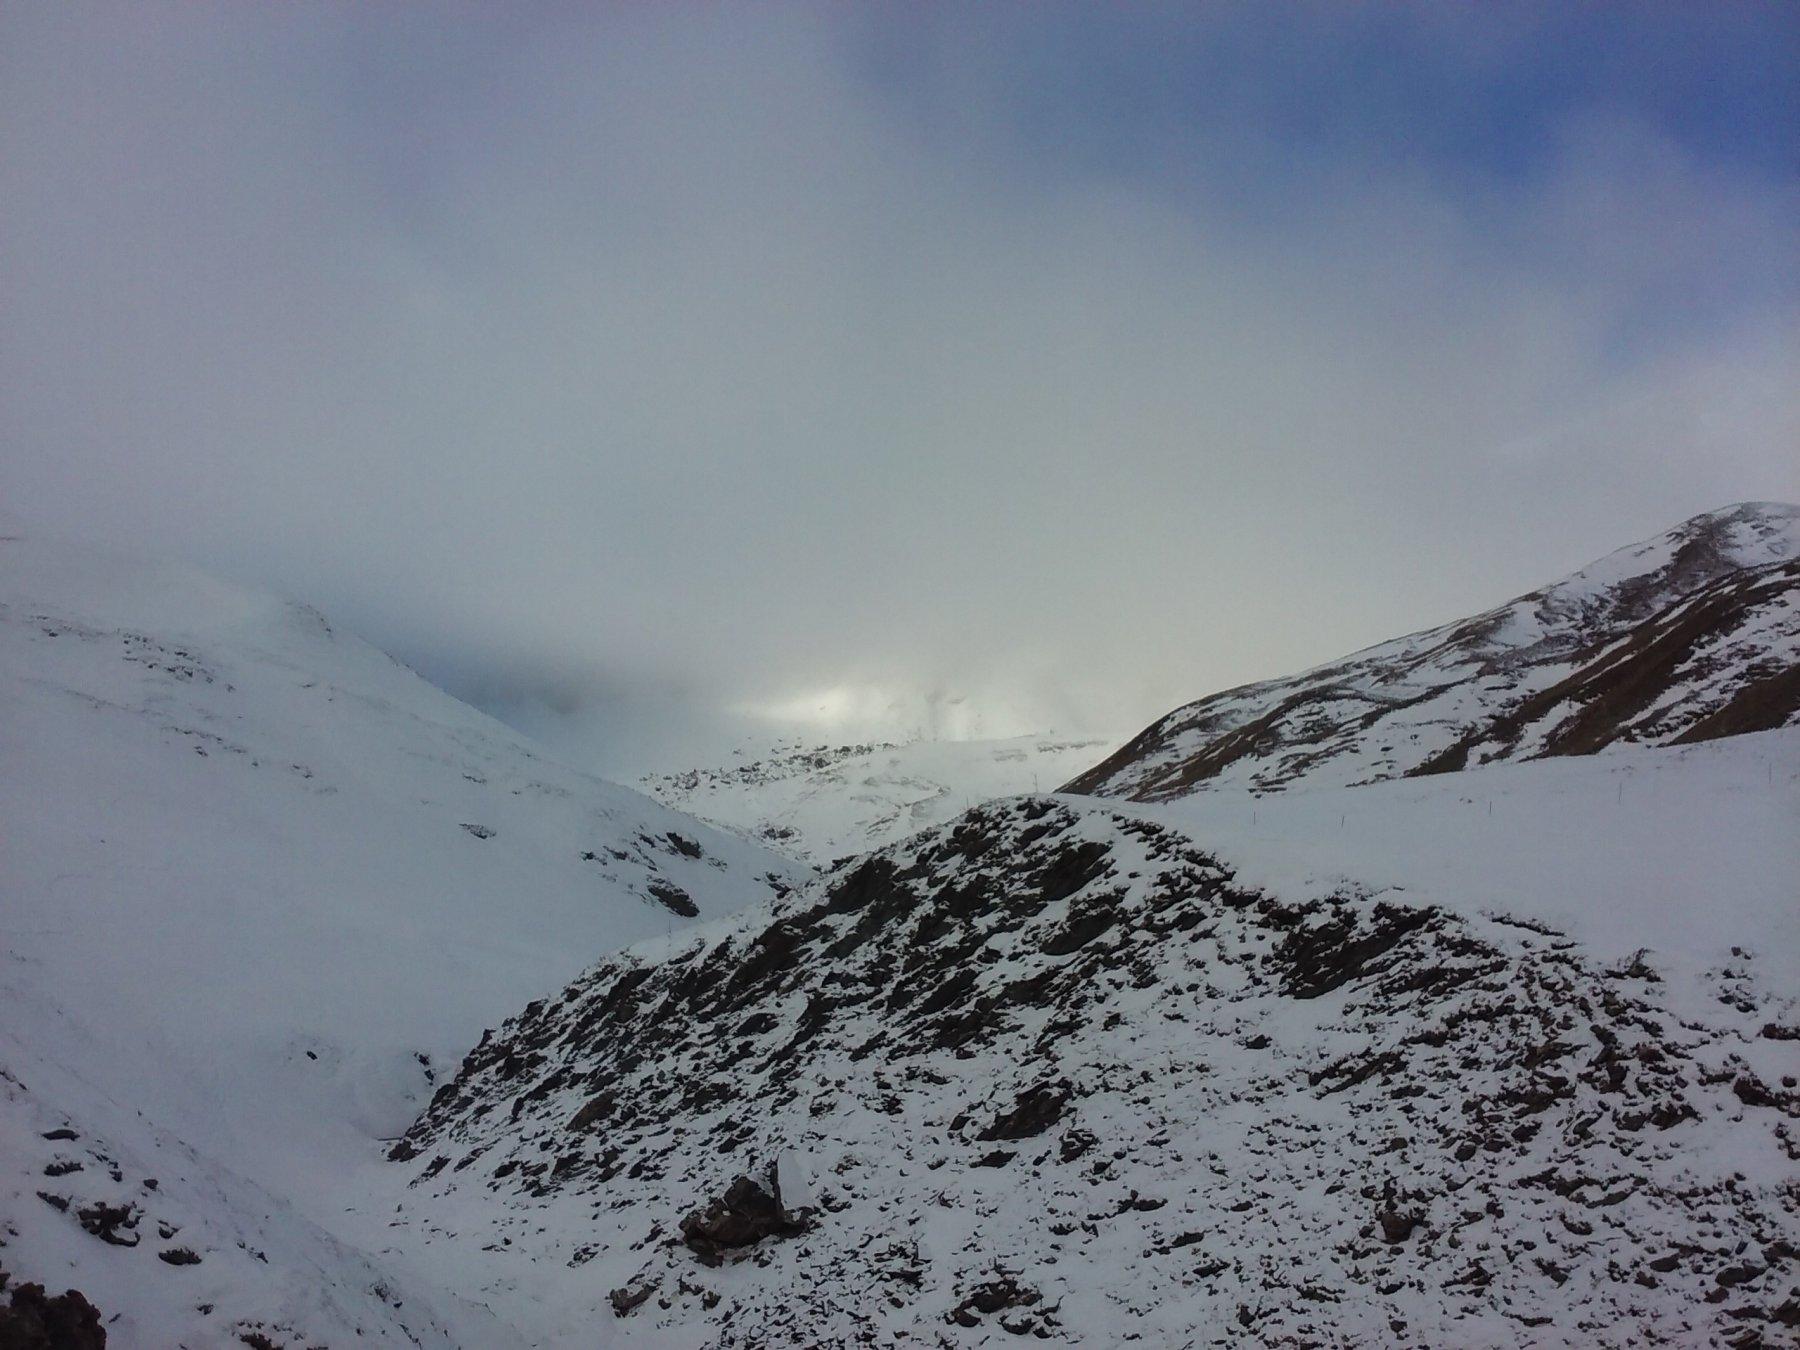 Salendo nel vallone dell'Autaret, dopo le Barricate (senza nuvole si vedrebbe la cima).